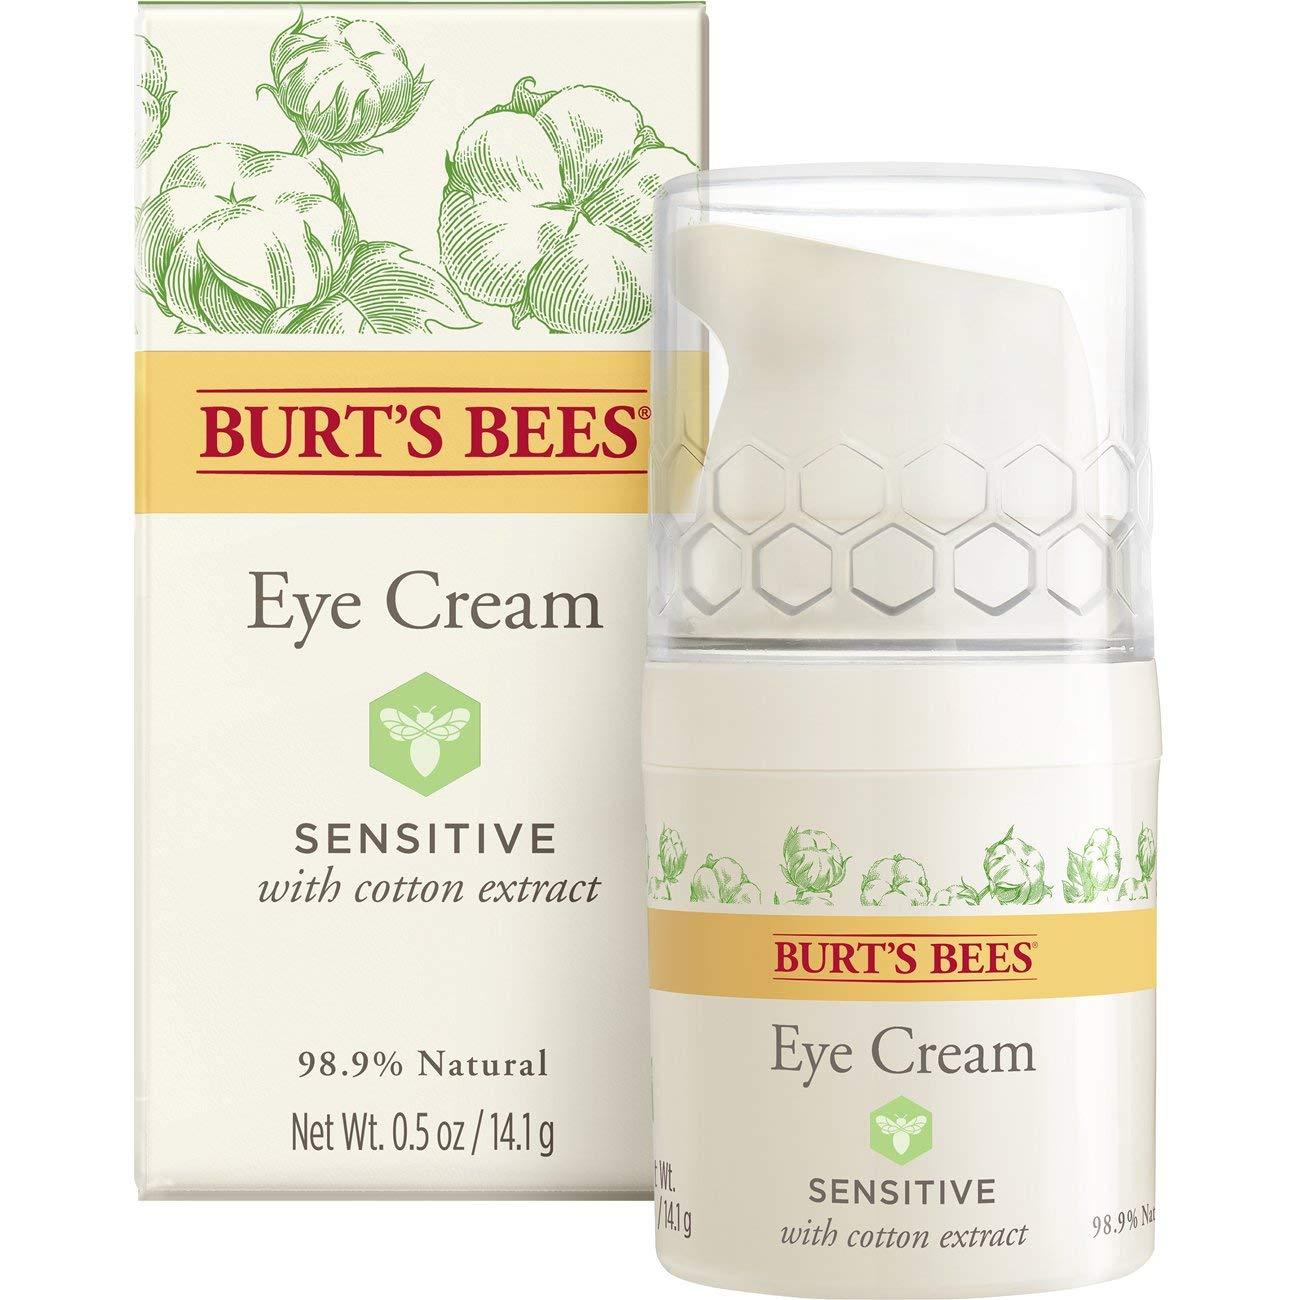 Burt's Bees Sensitive Eye Cream, 10g Cbee Europe LTD 01411-14